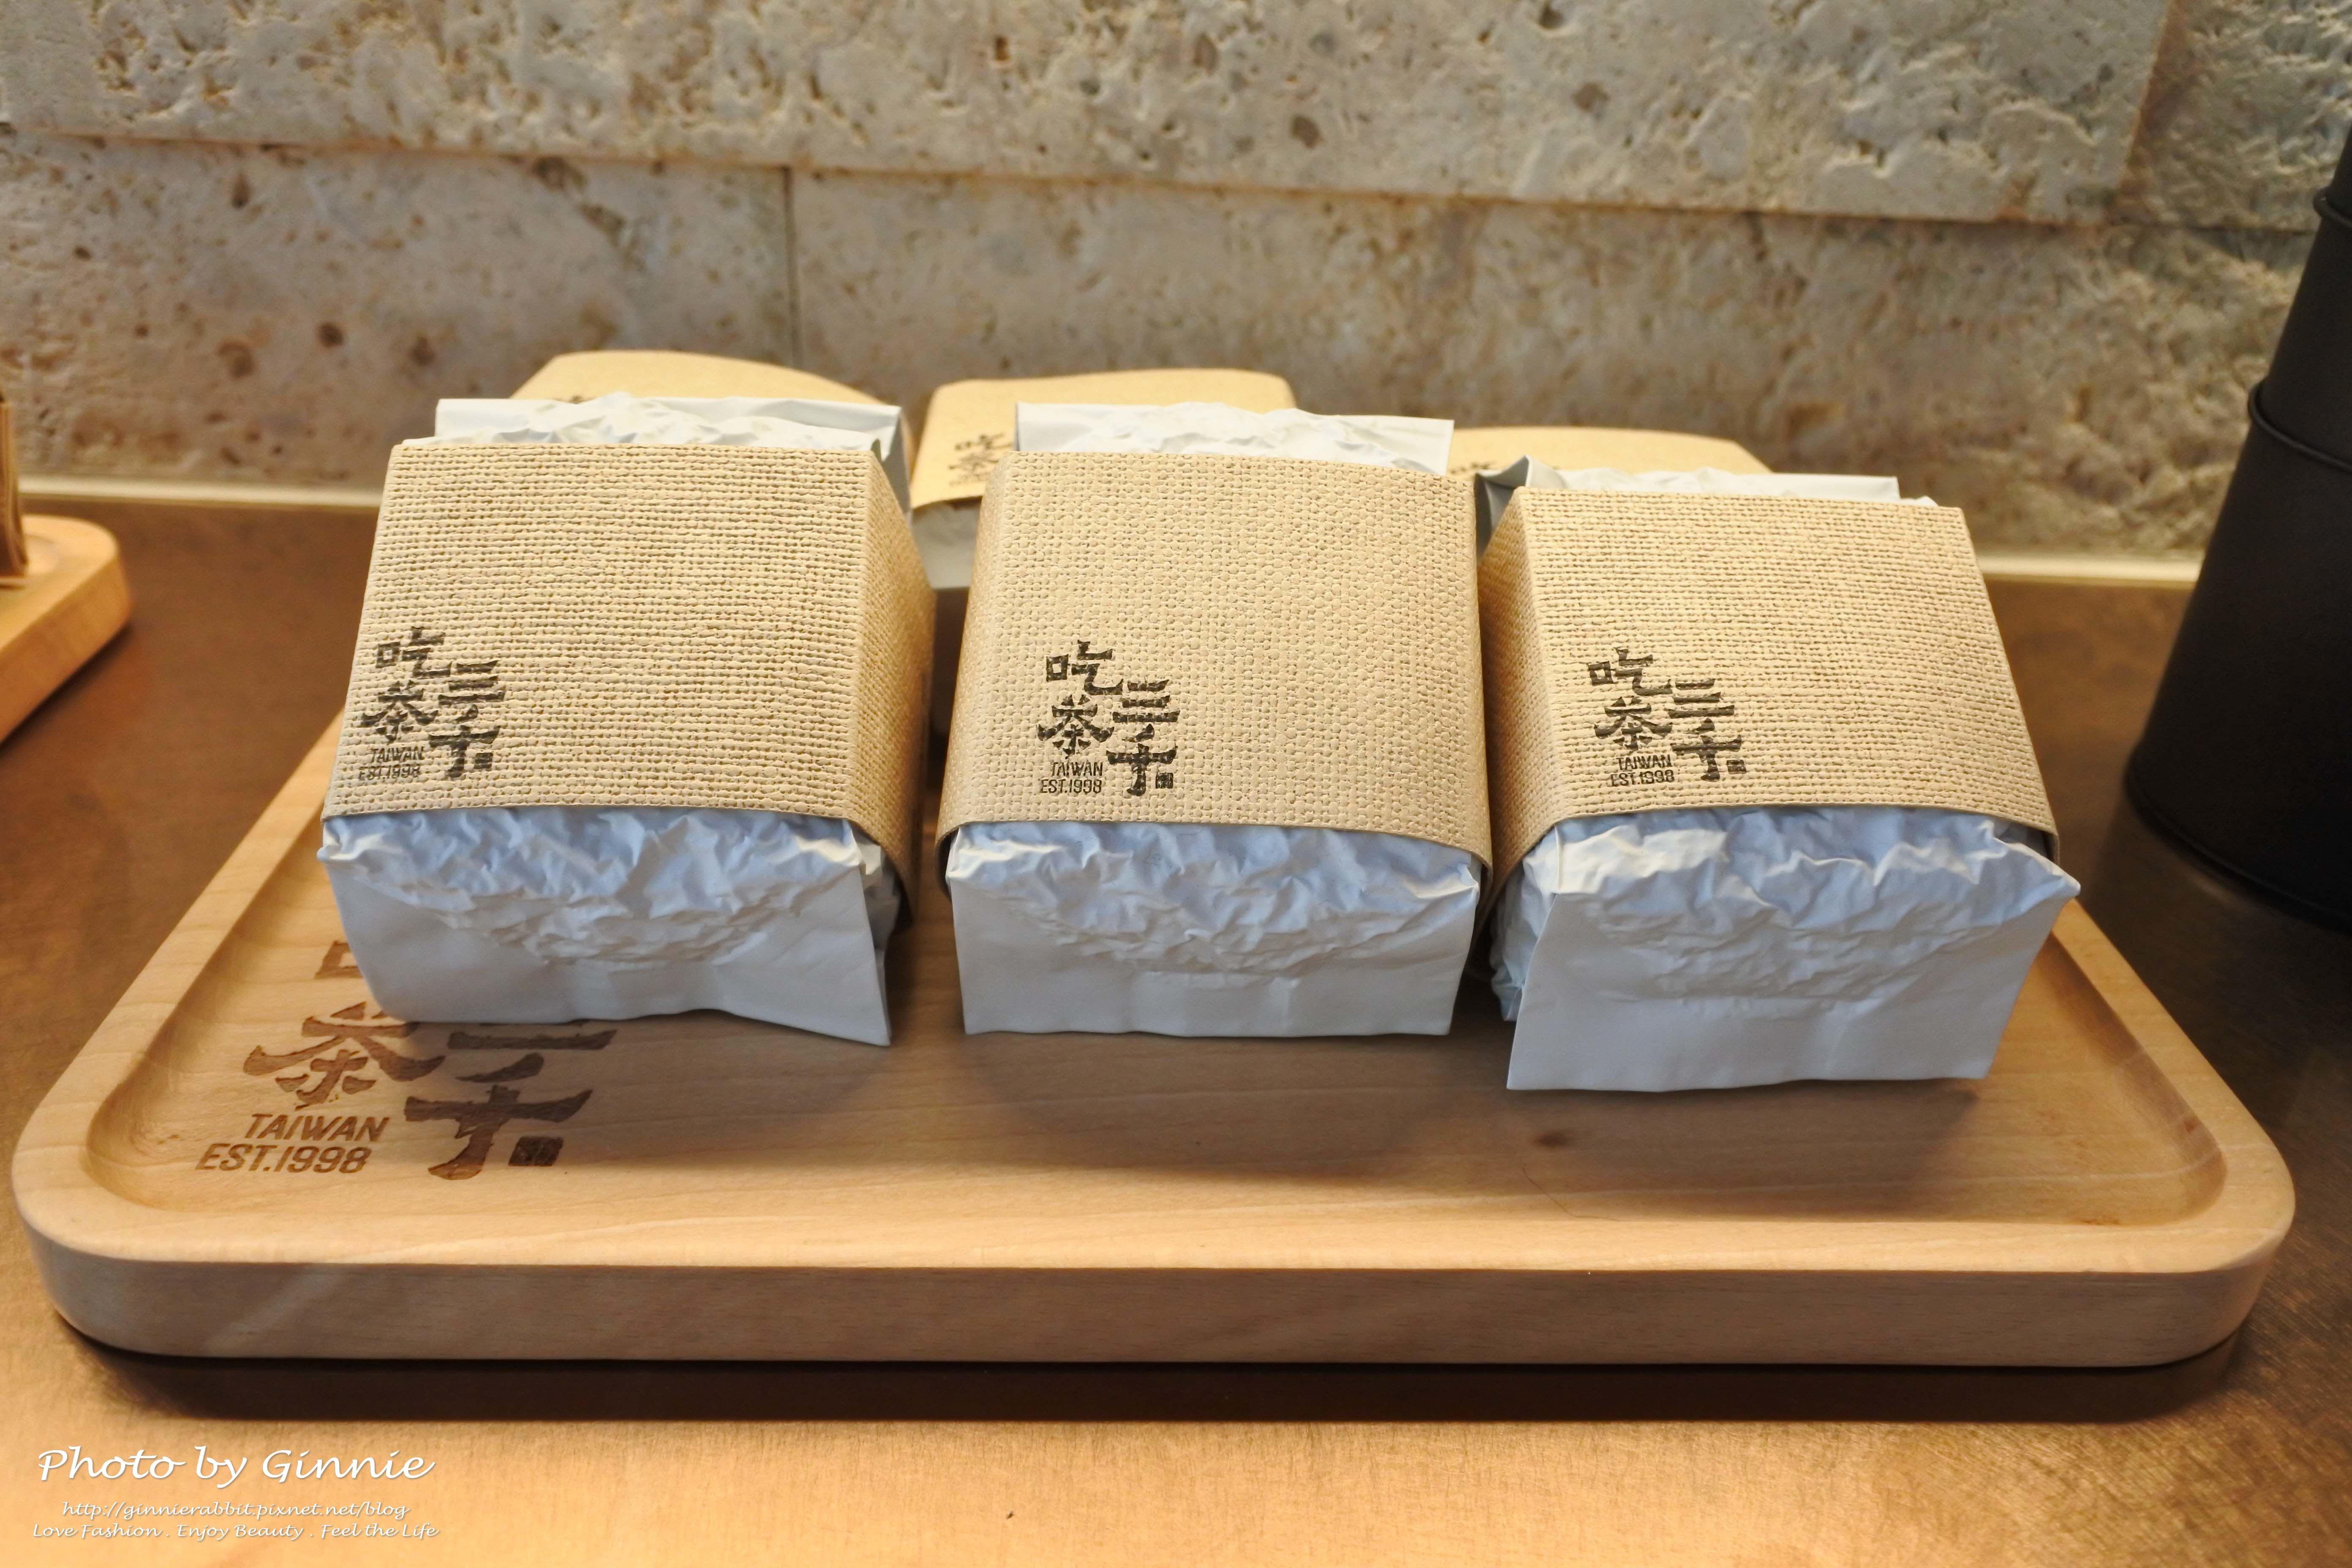 吃茶三千 台中 大英概念店 梨山烏龍